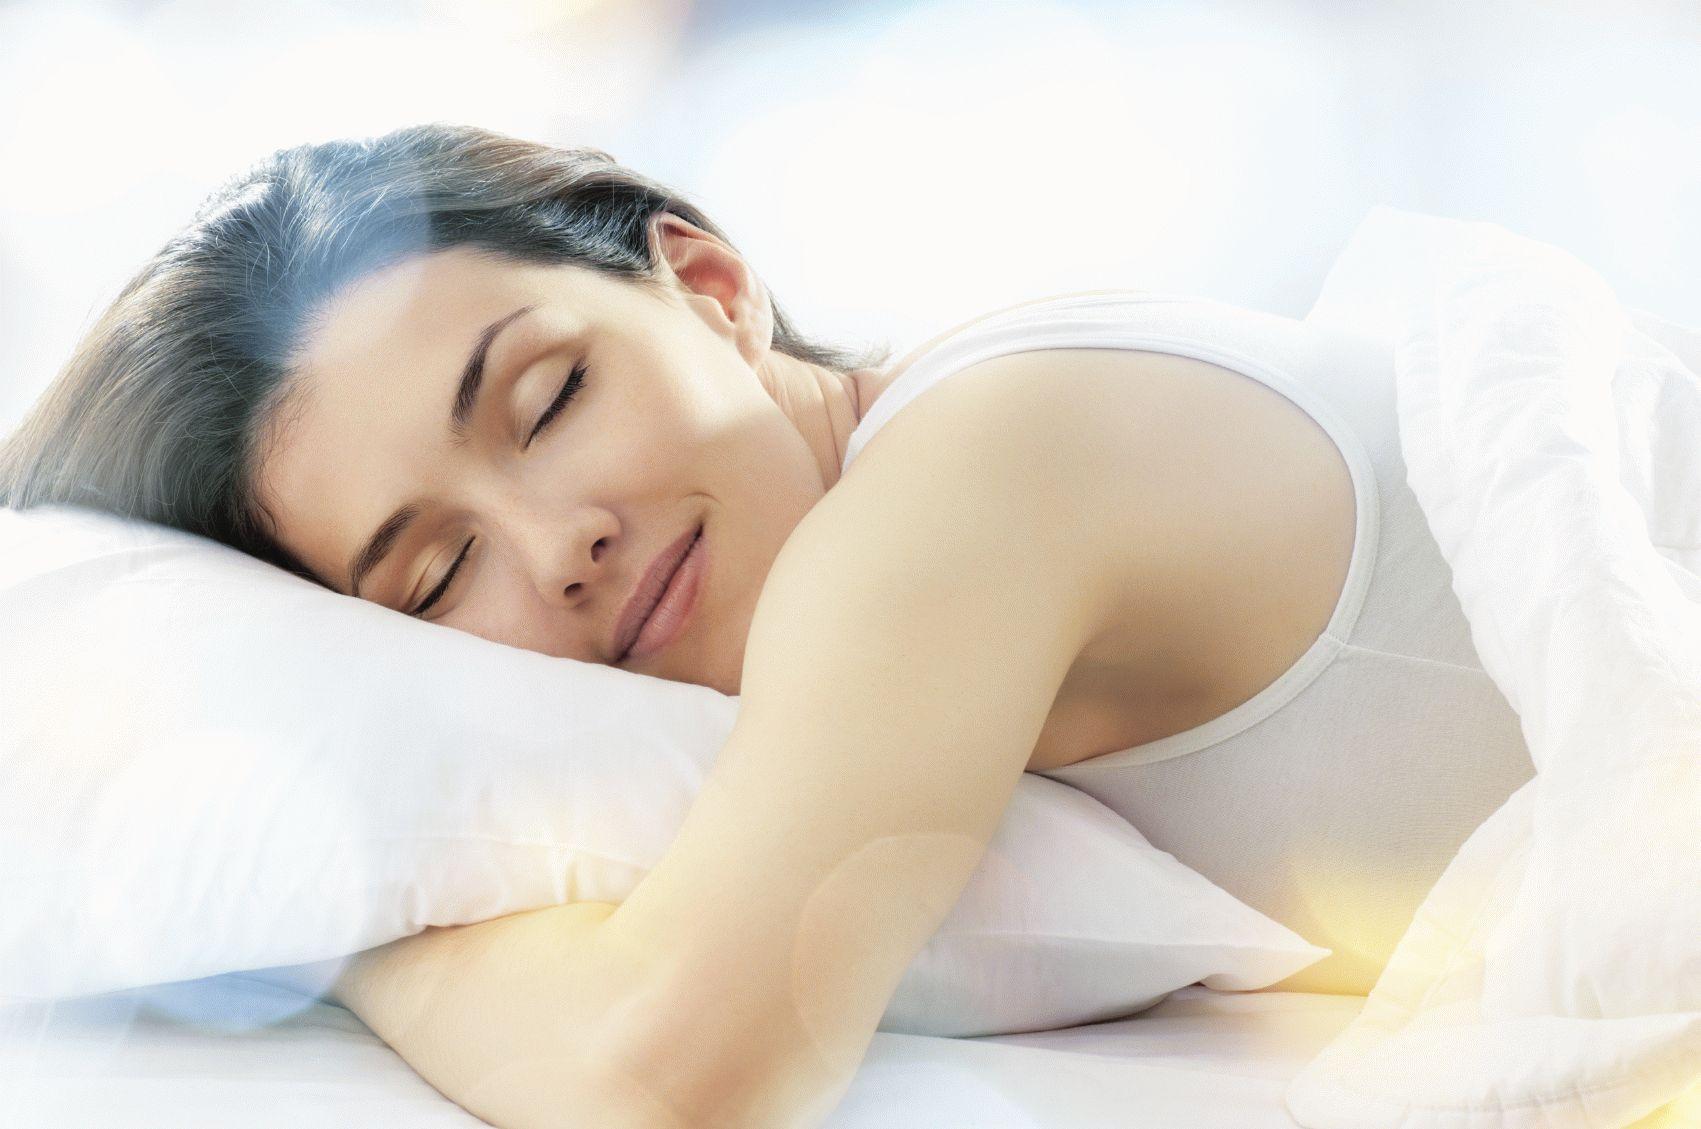 Как увидеть во сне будущего мужа с пятницы на субботу